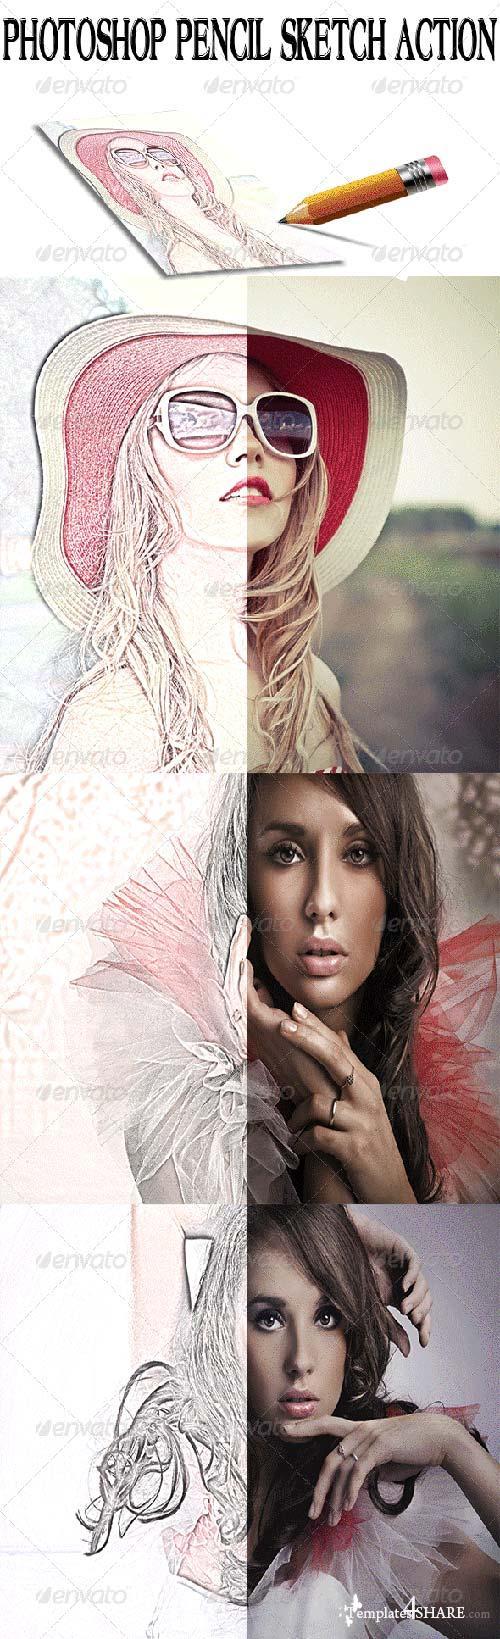 GraphicRiver Photoshop Pencil Sketch Action